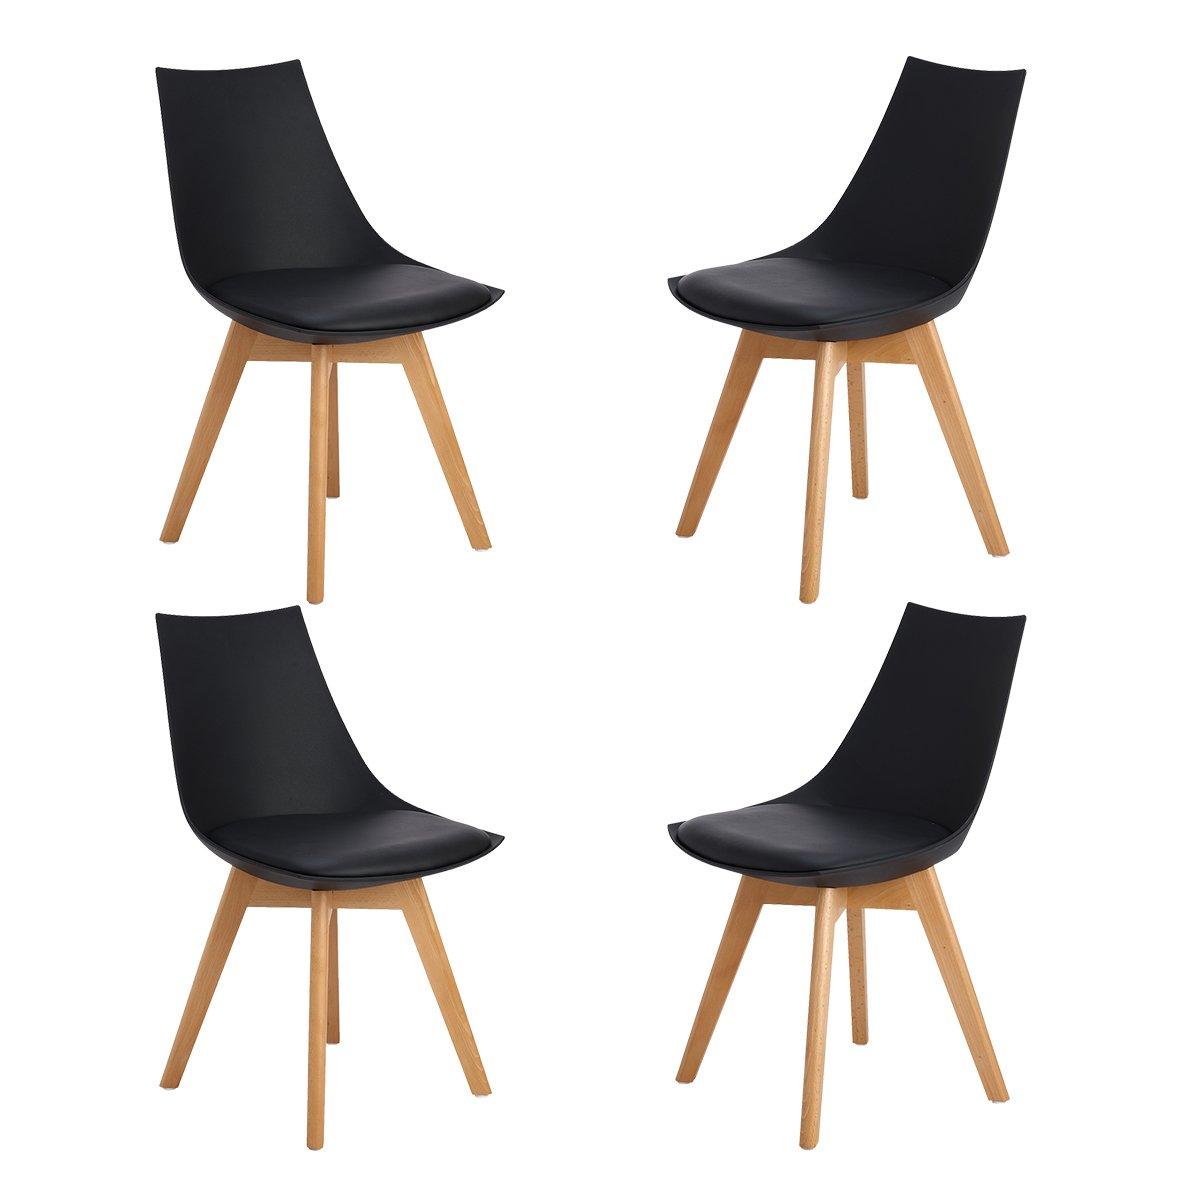 H.J WeDoo Lot de 4 Rétro Chaise Salle à Manger design scandinave - chaises de cuisine rembourrée Chaise avec pieds